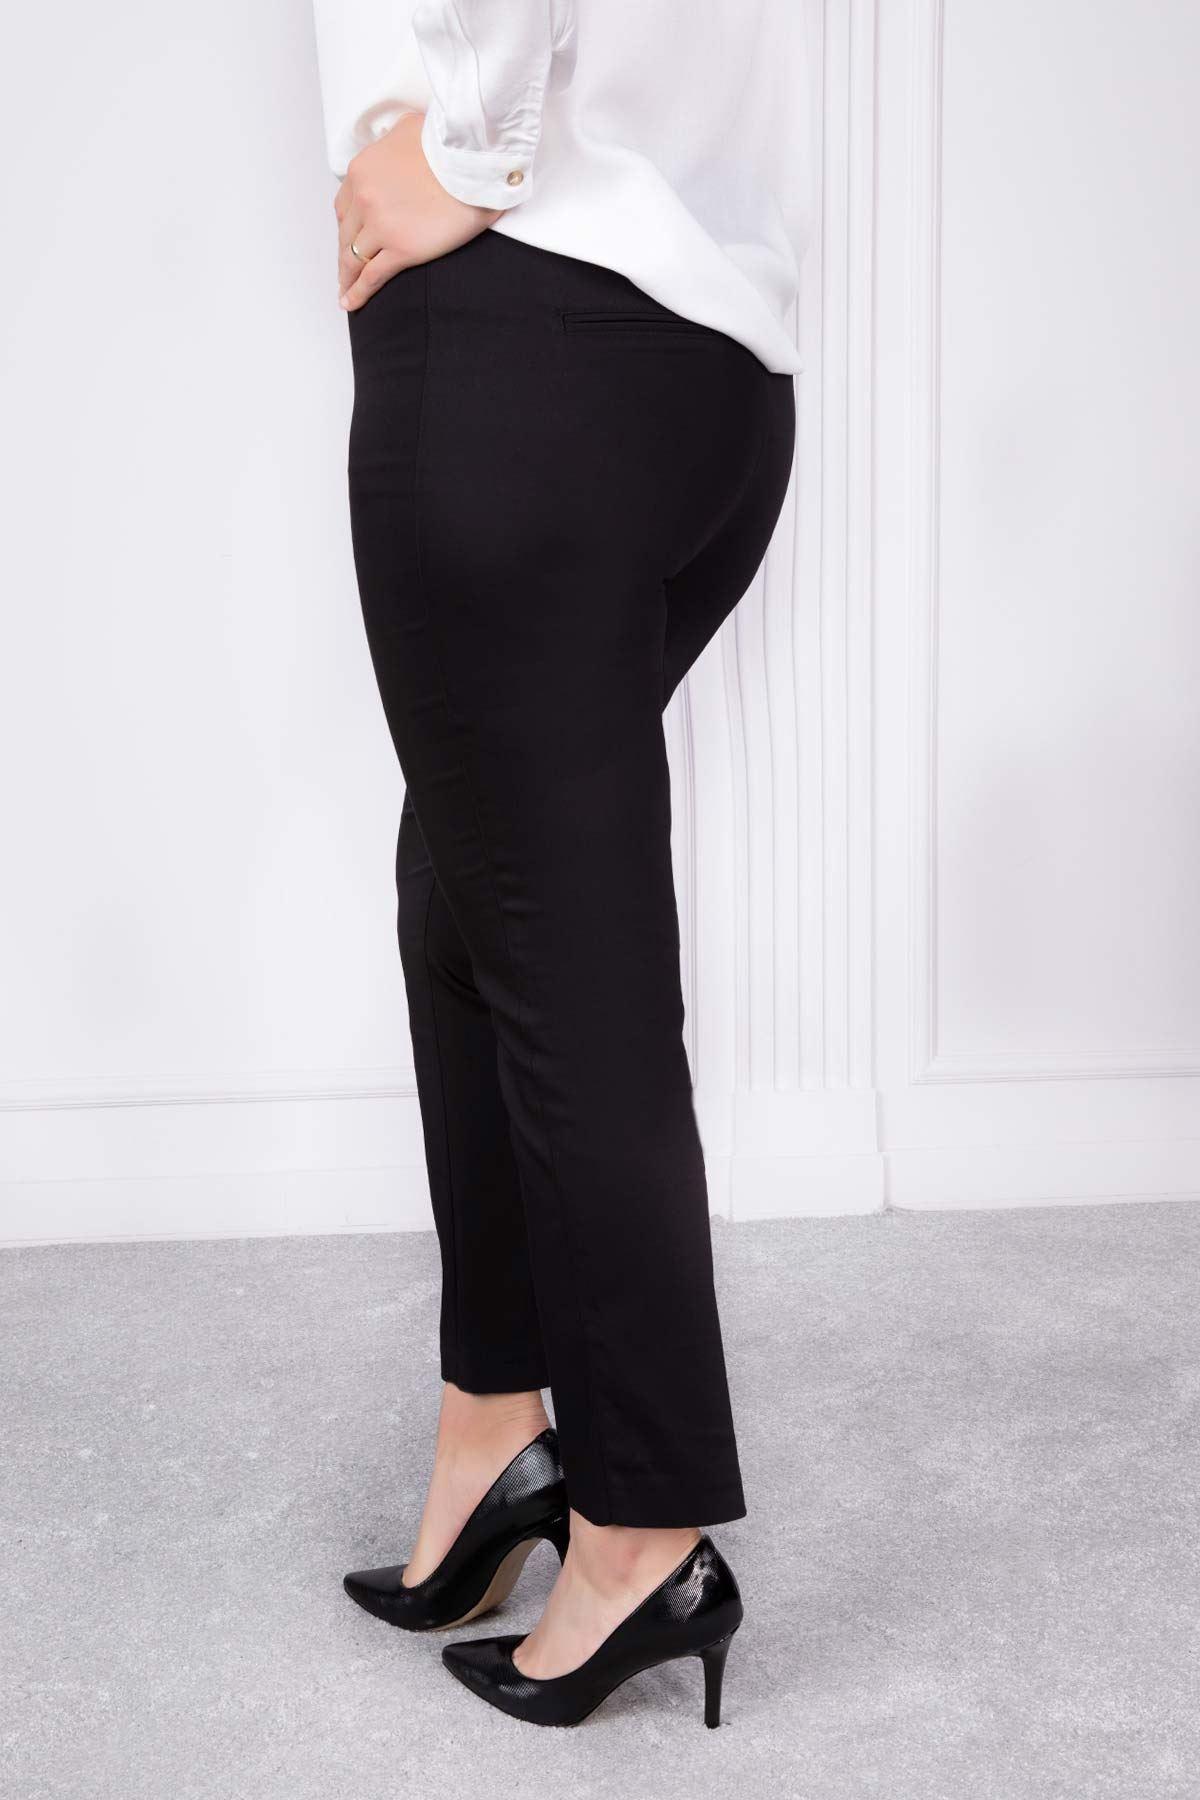 Zımbalı Lastikli Pantolon Siyah 2193-61